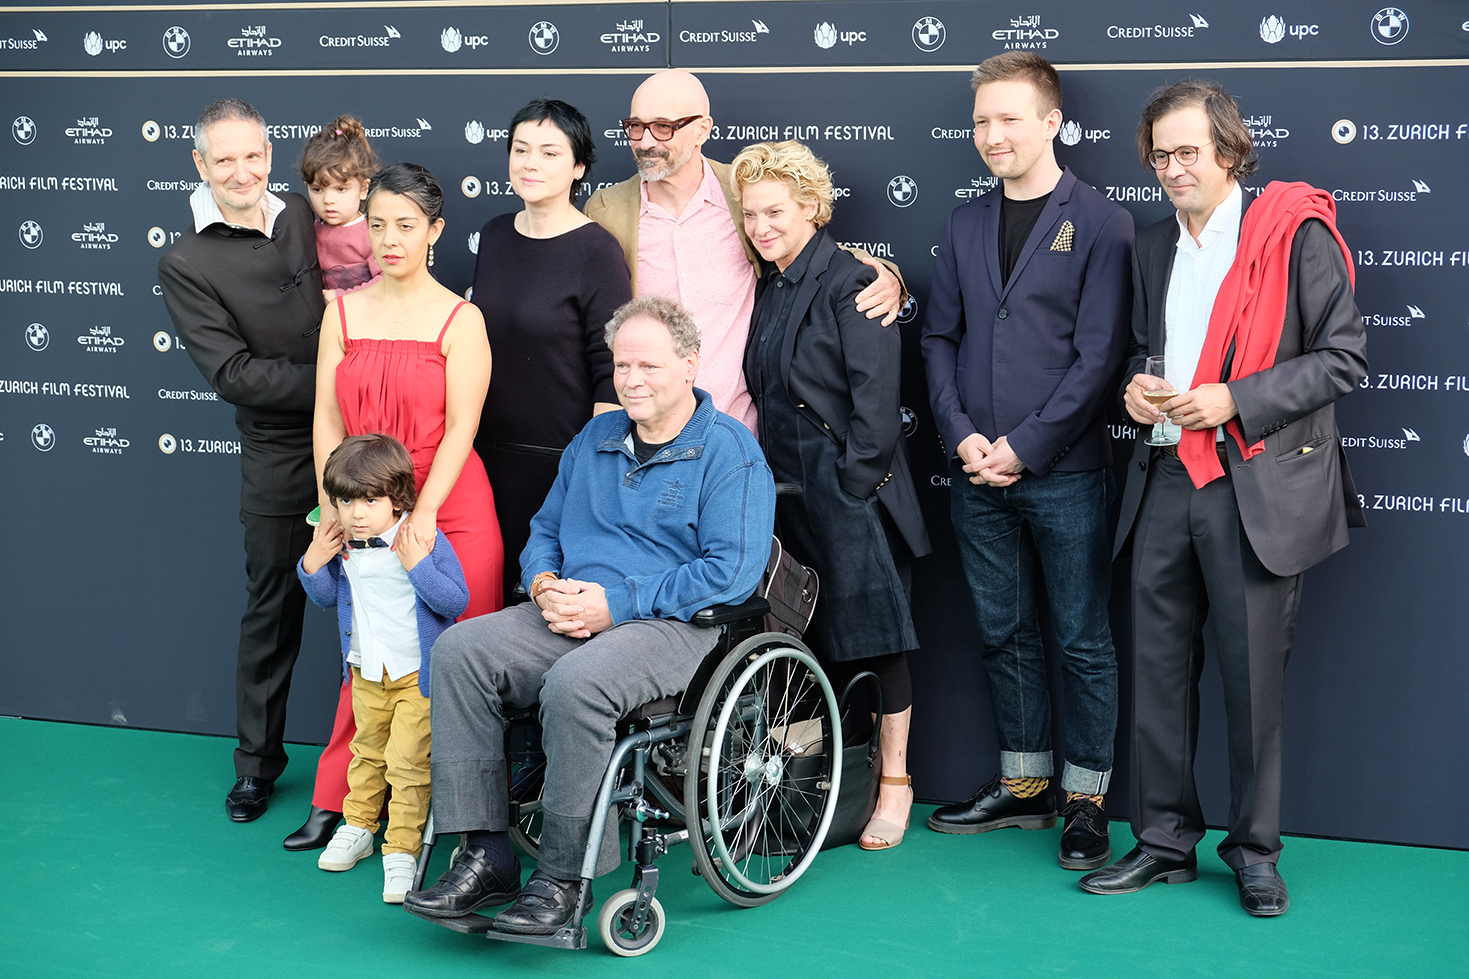 Die Gentrifizierung bin ich, Thomas Haemmerli, Premiere Zurich Film Festival Crew 2